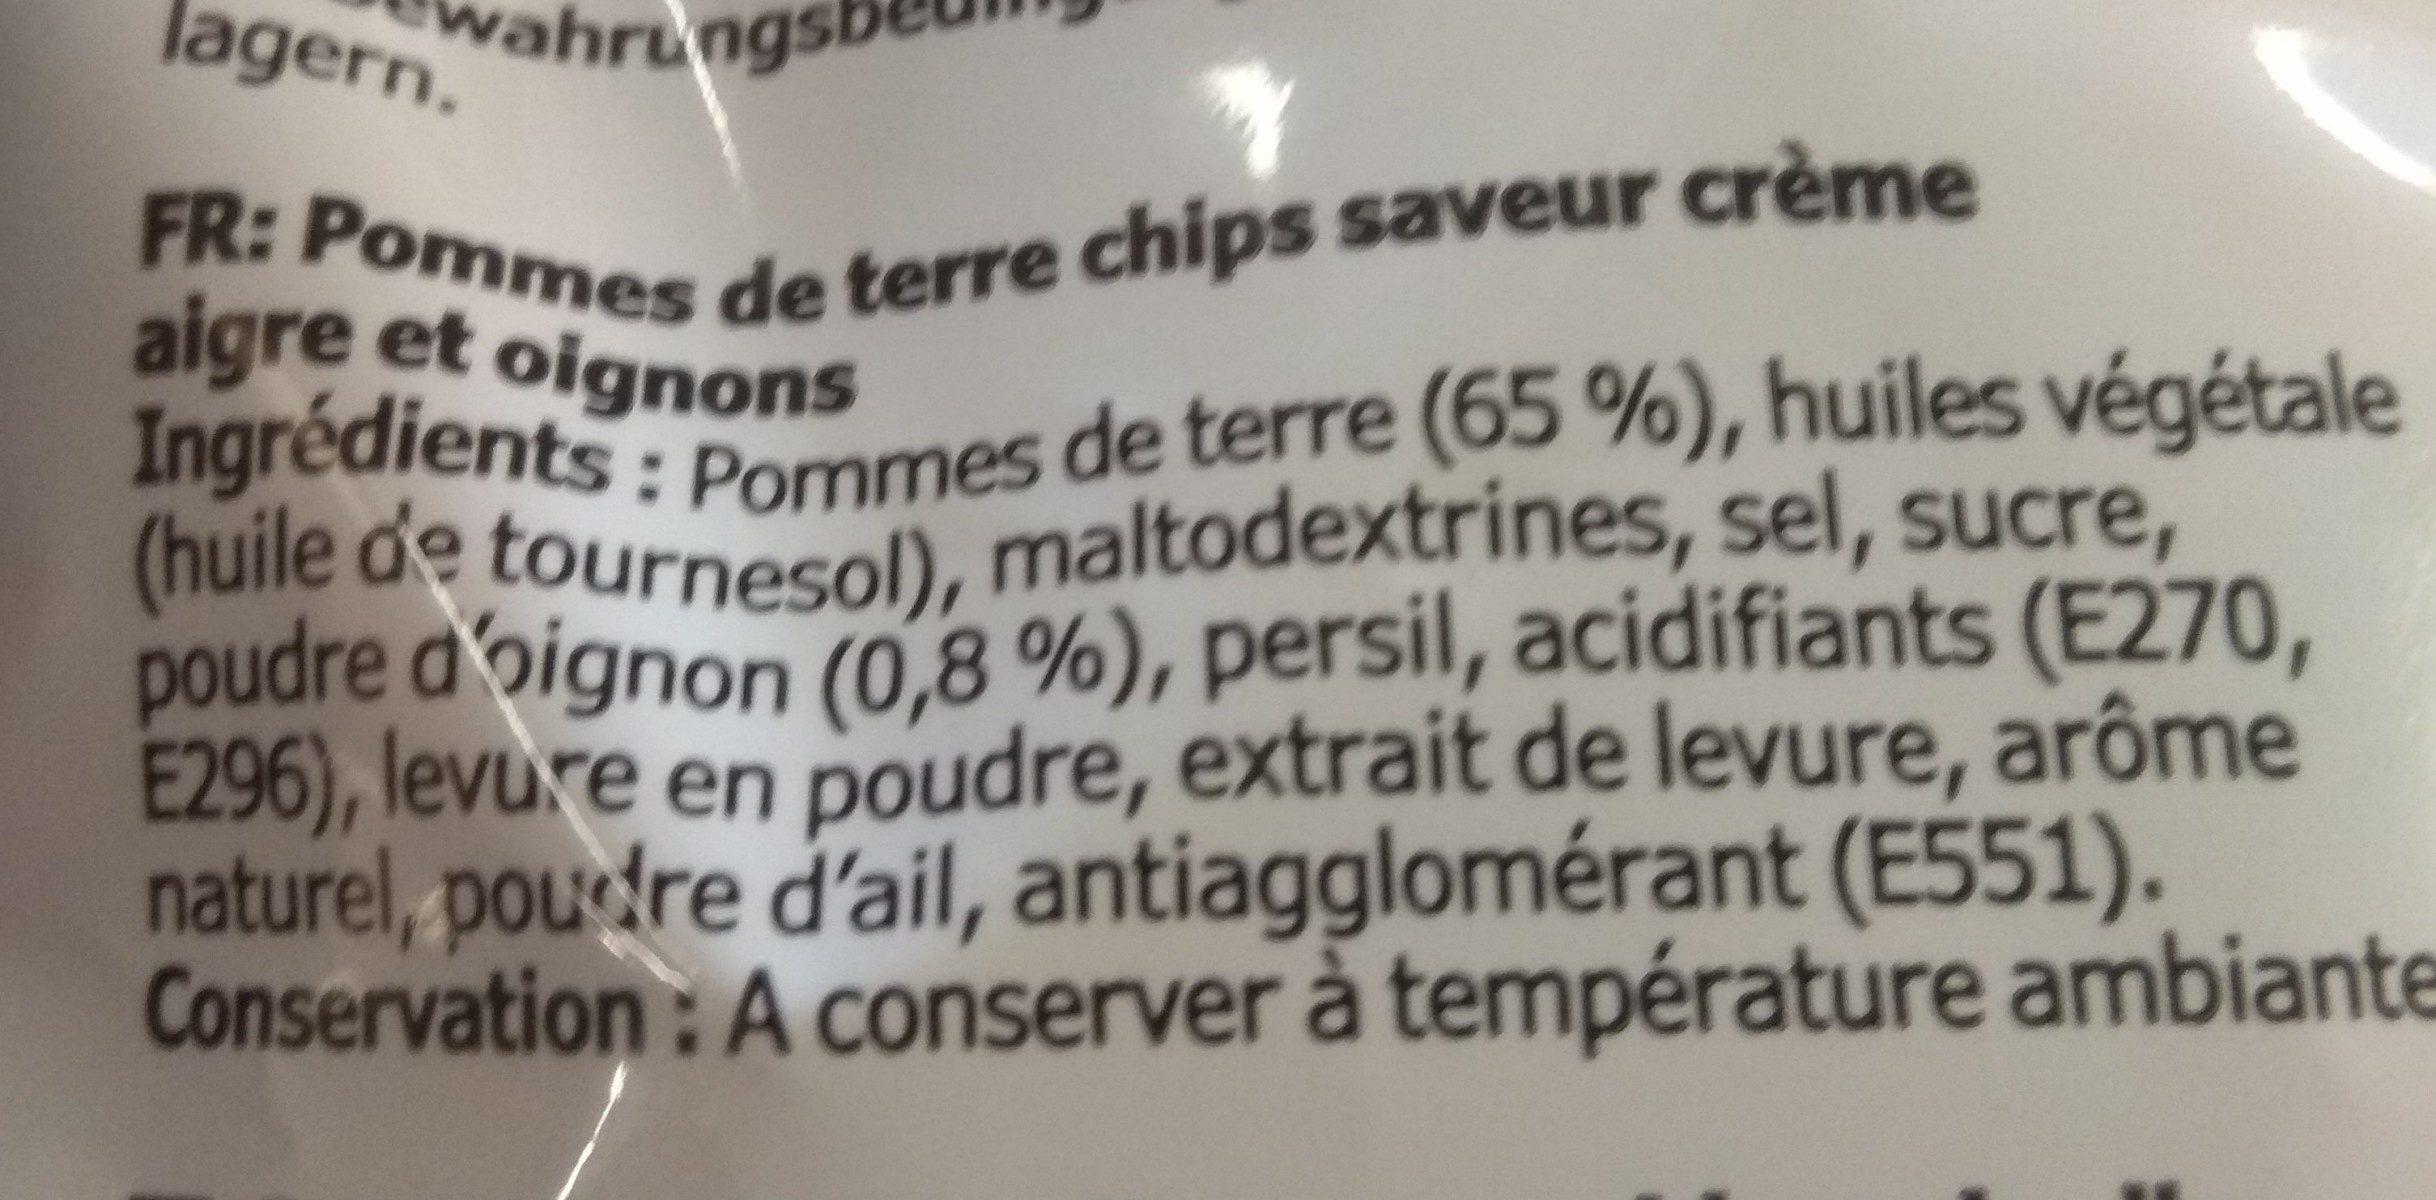 Potatoes chips - Ingrédients